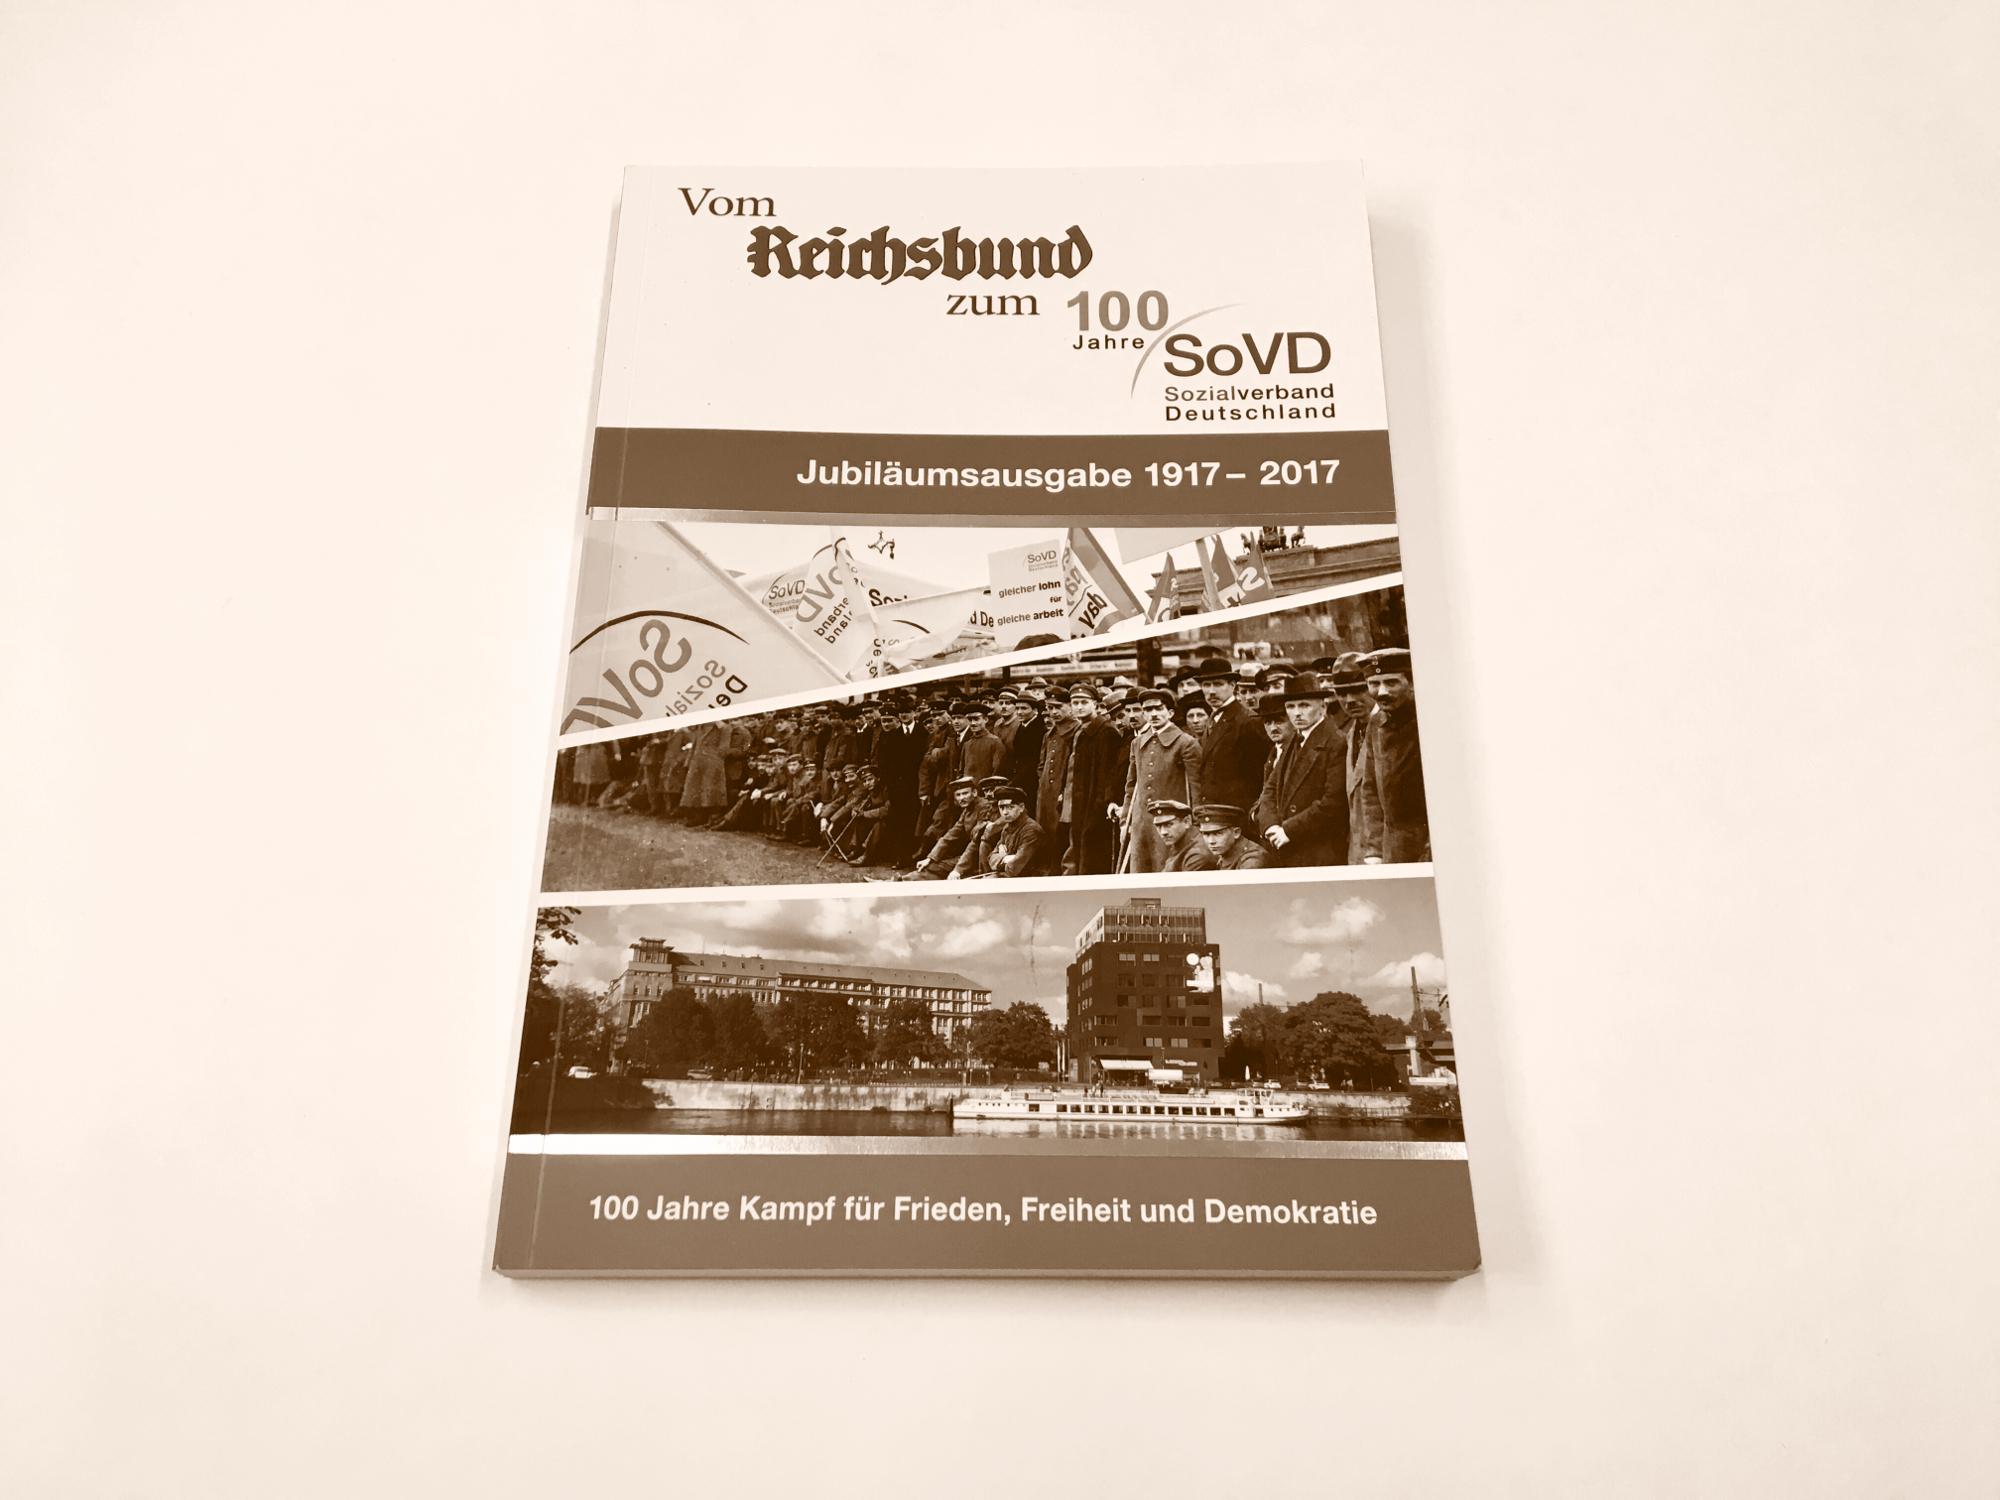 Firmengeschichten Hamburg 100 Jahre SoVD Deutschland